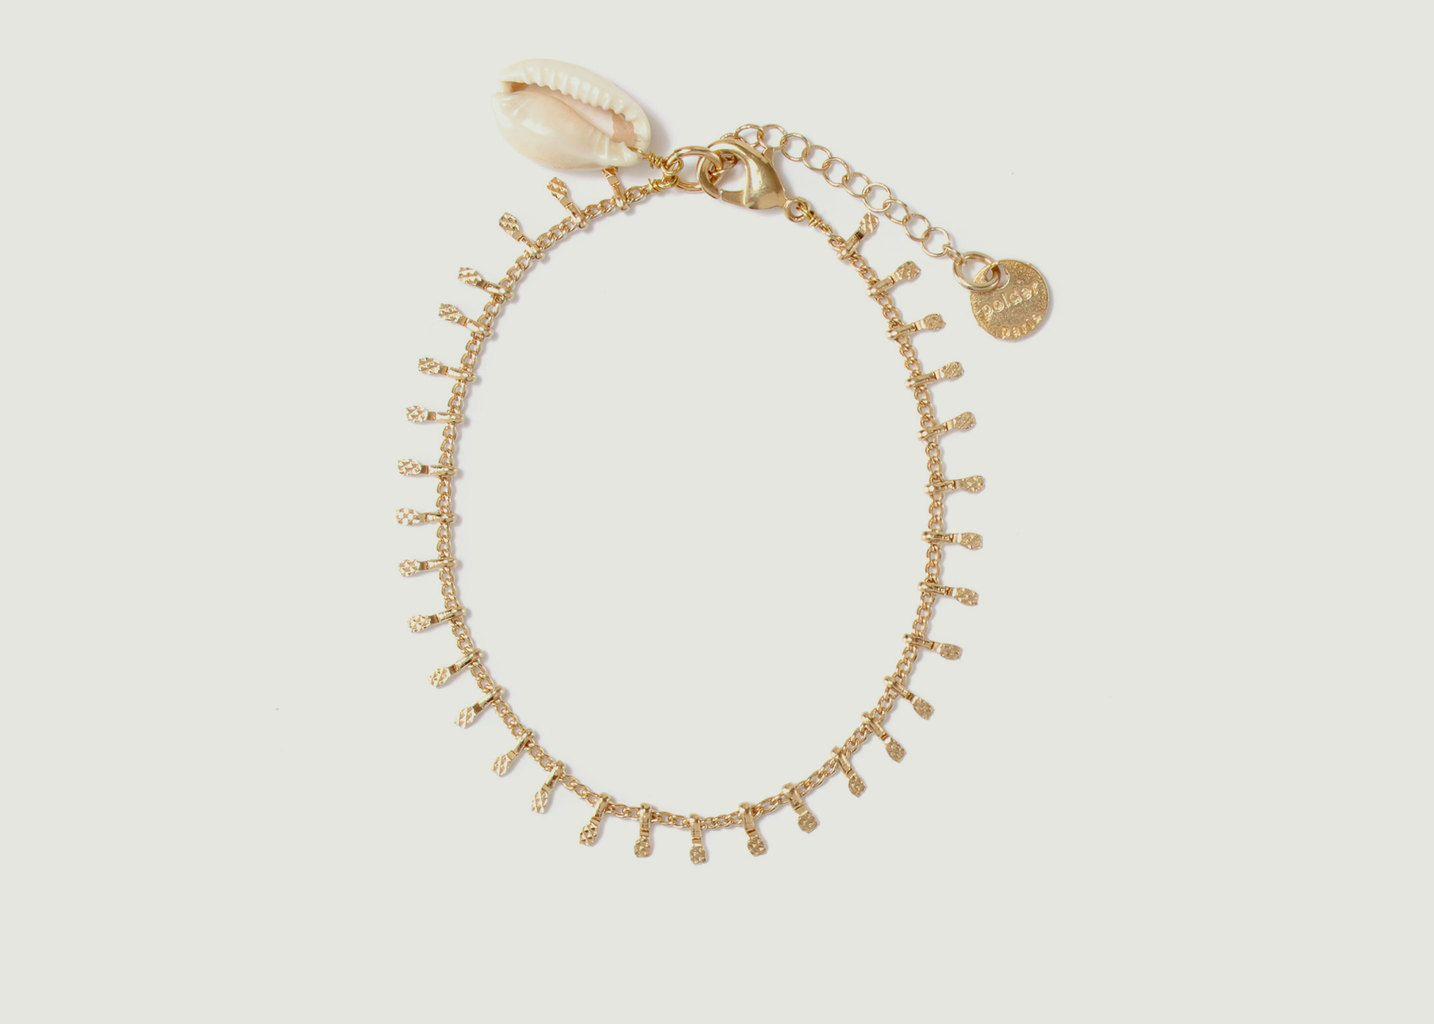 Bracelet Aven - Polder